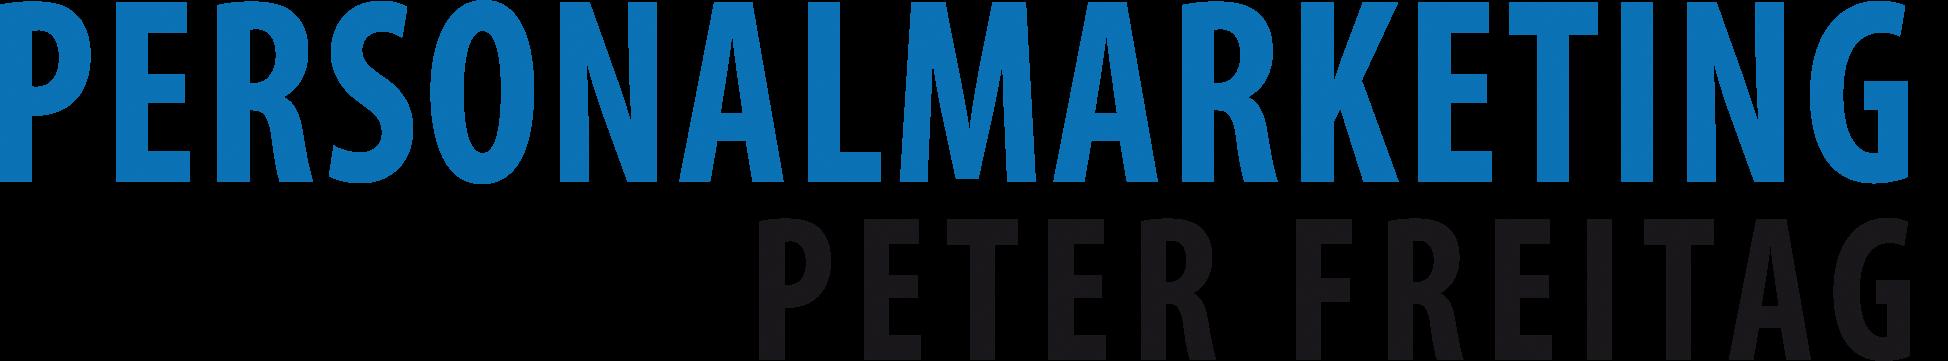 Personalmarketing Peter Freitag